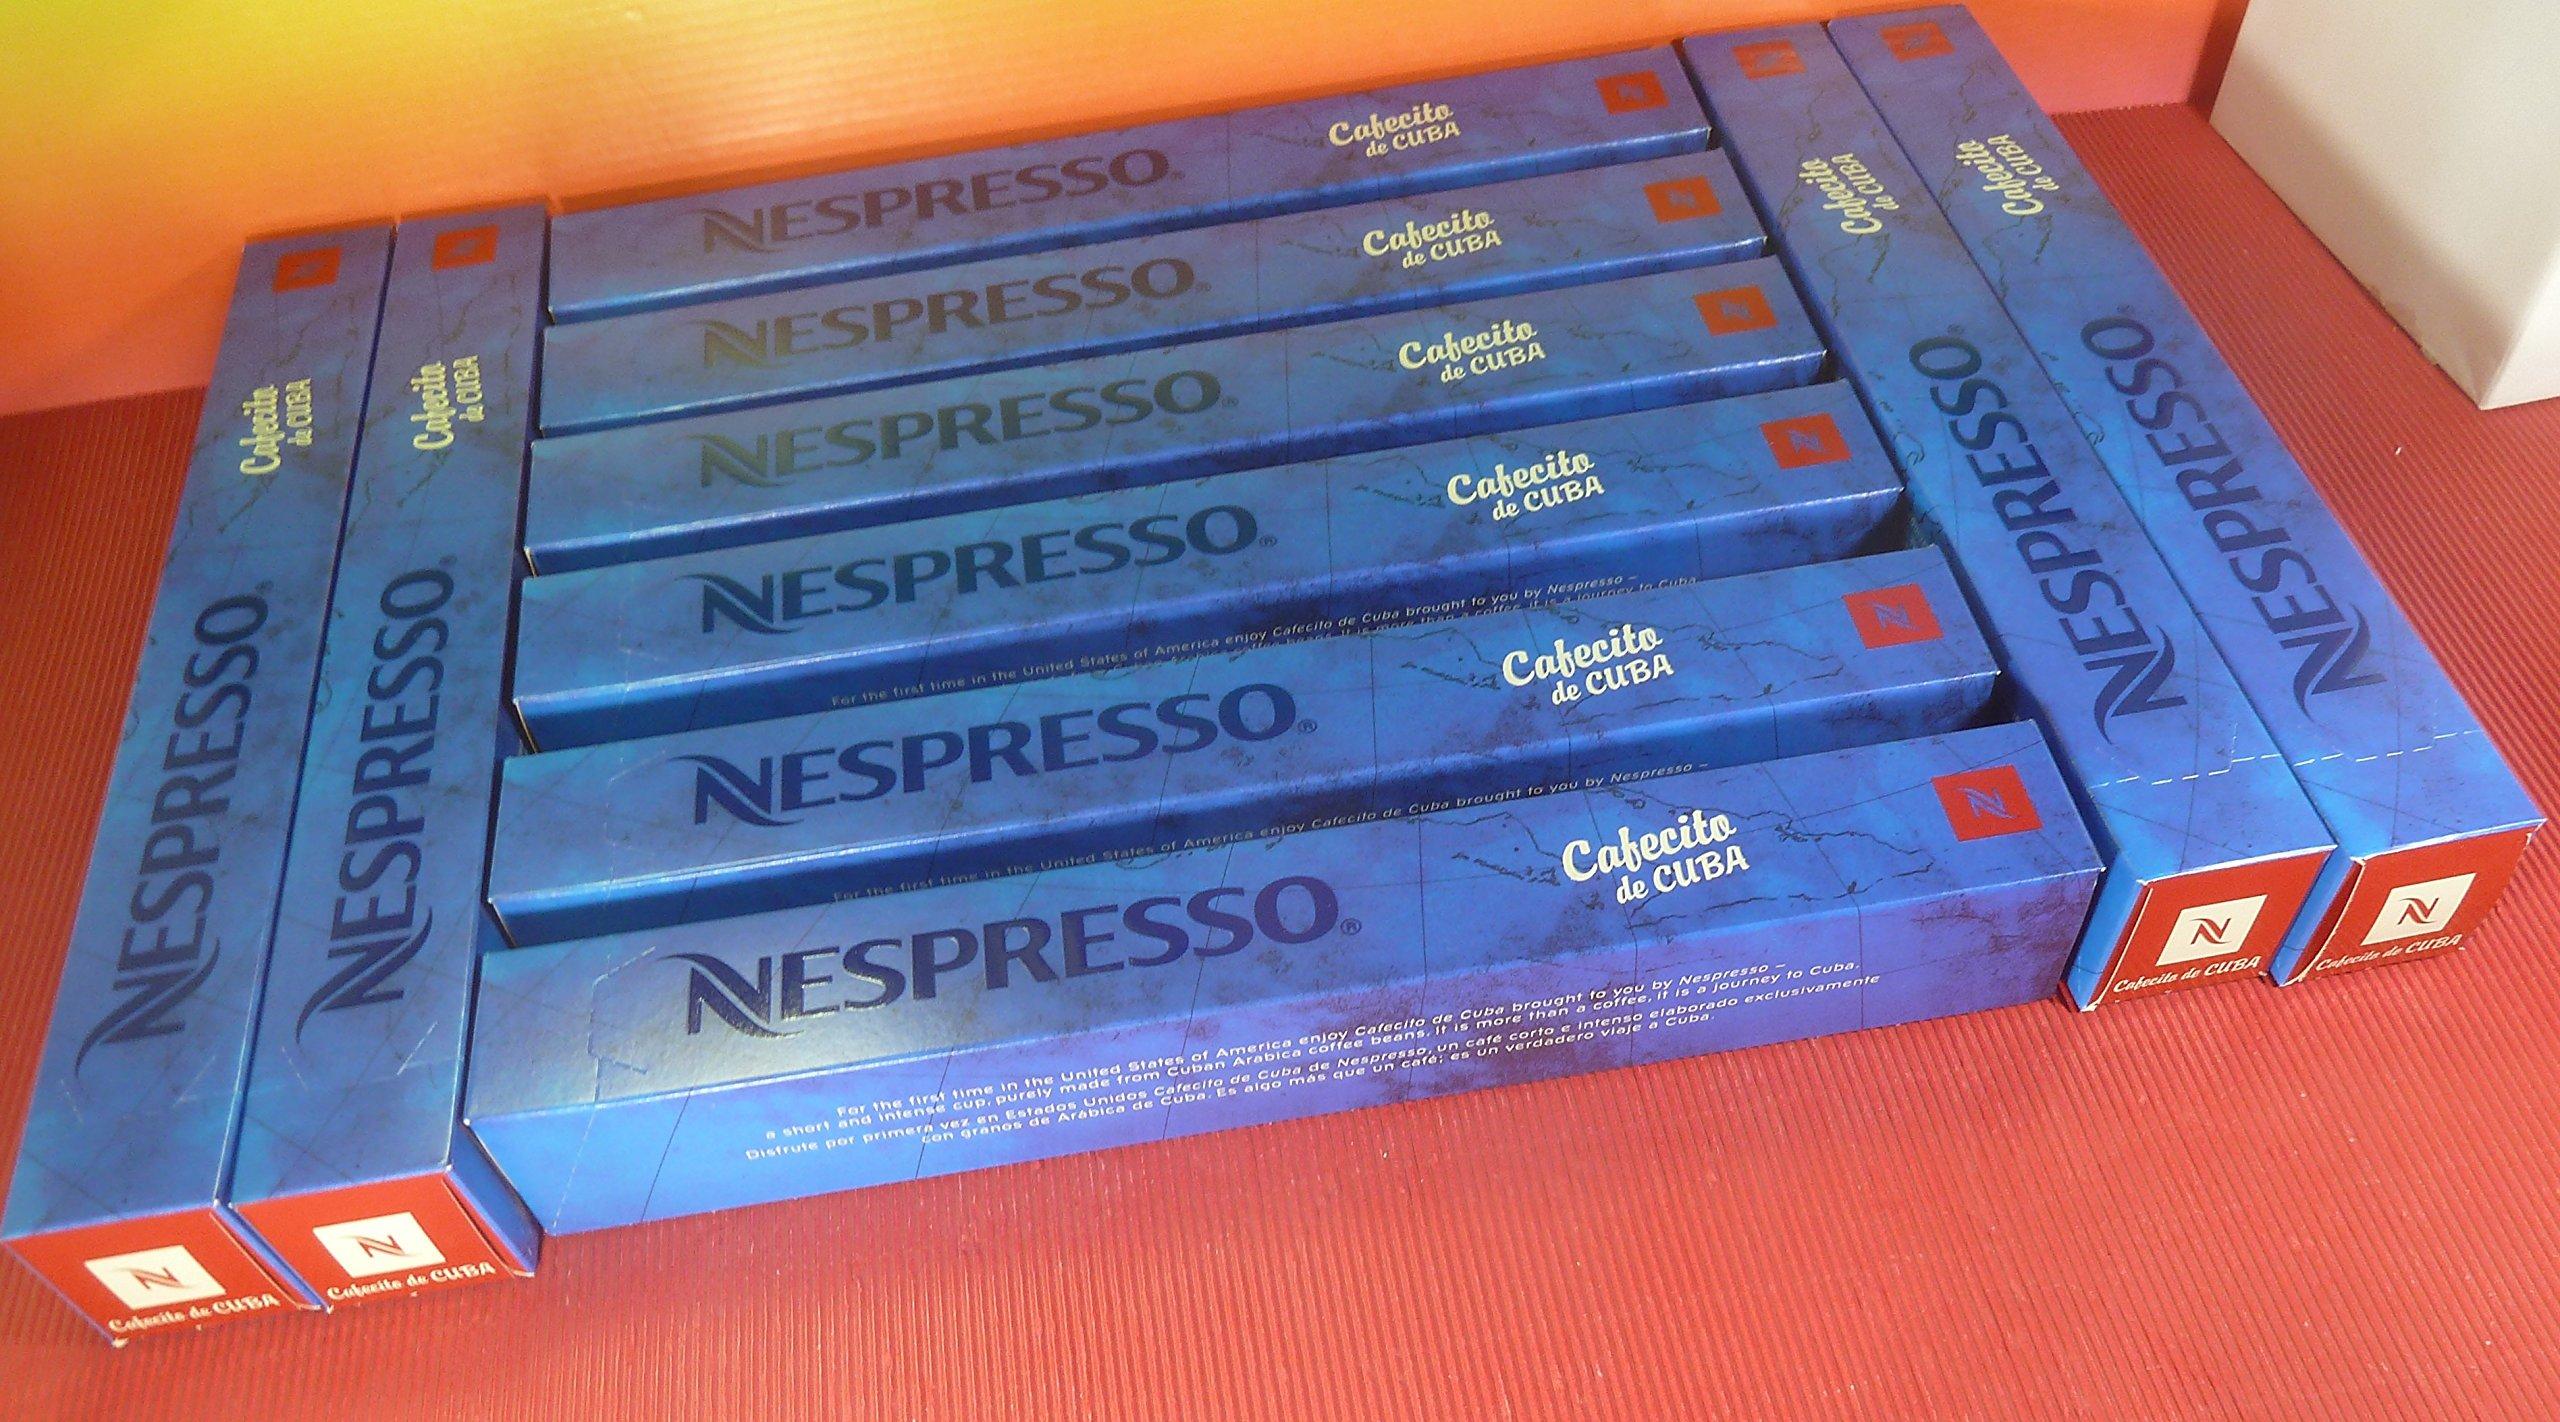 NESPRESSO CAFECITO DE CUBA 10 SLEEVES INTENSITY 10,FRESH